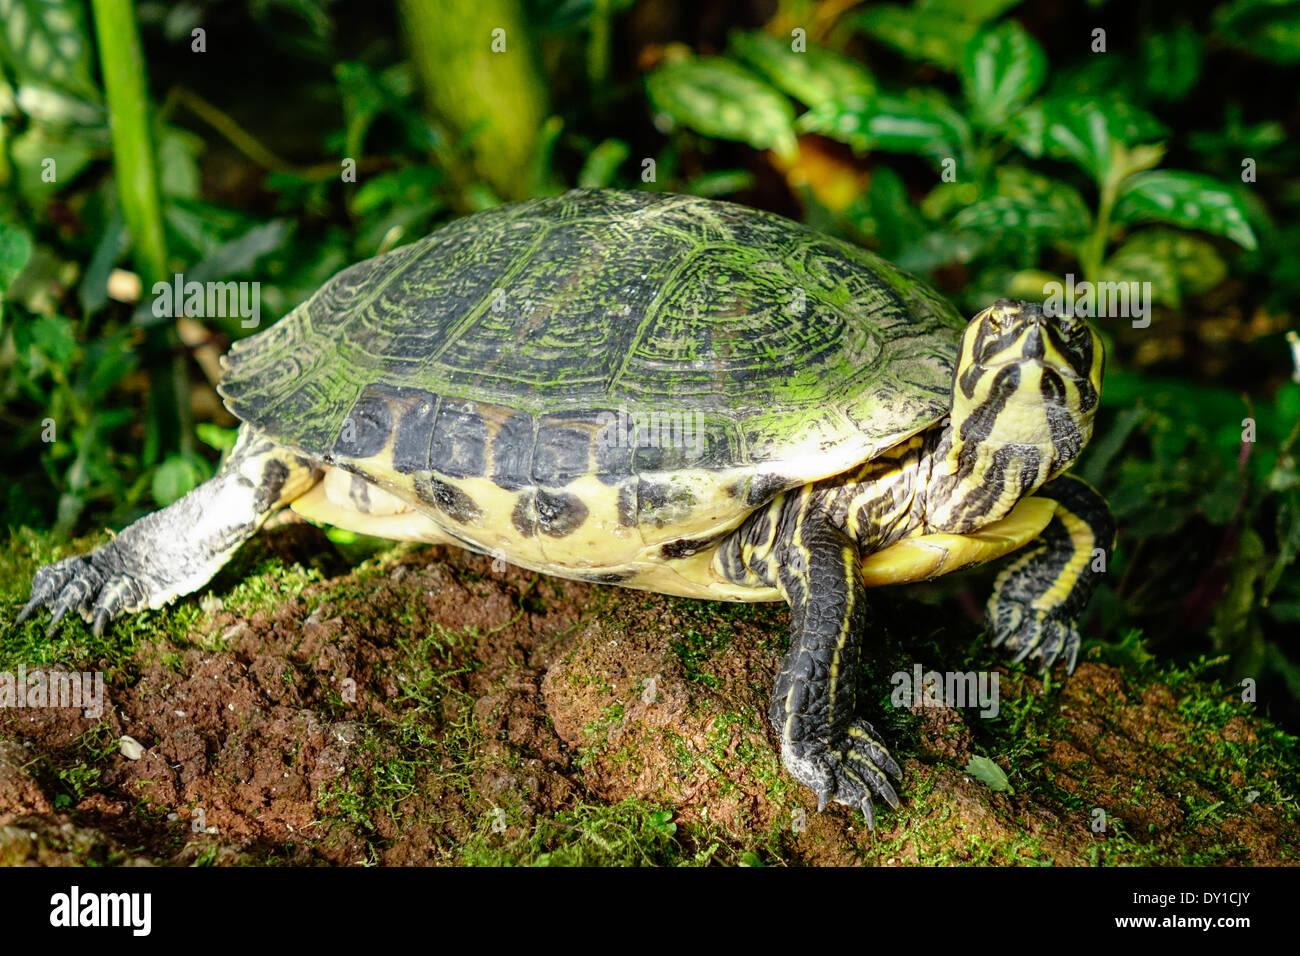 Schildkröte Im Gewächshaus Botanischer Garten München Bayern